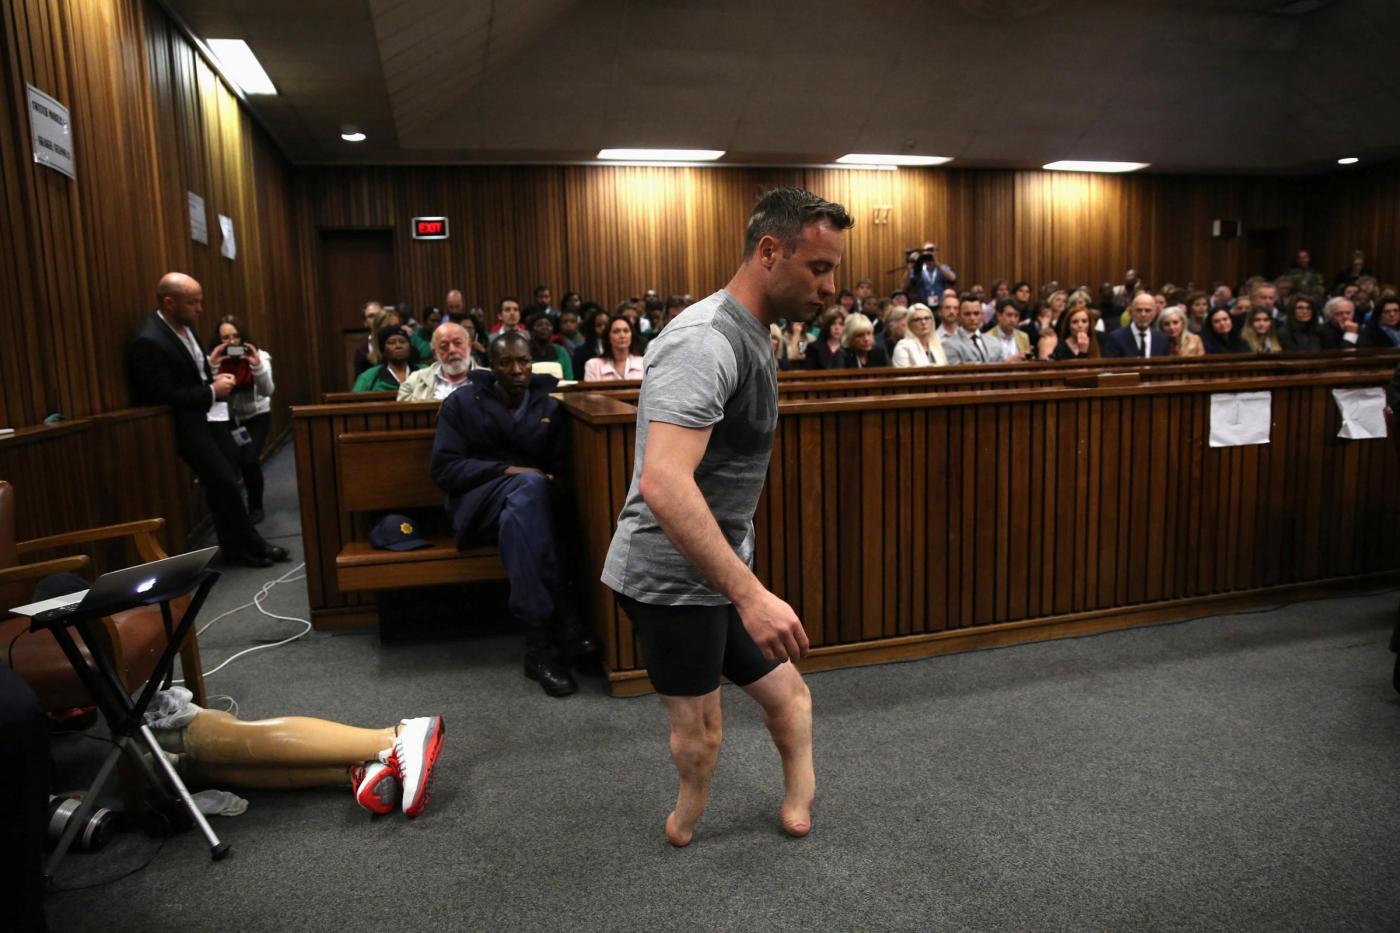 Pretoria, terzo giorno di udienza nel processo all'alta corte per Pistorius